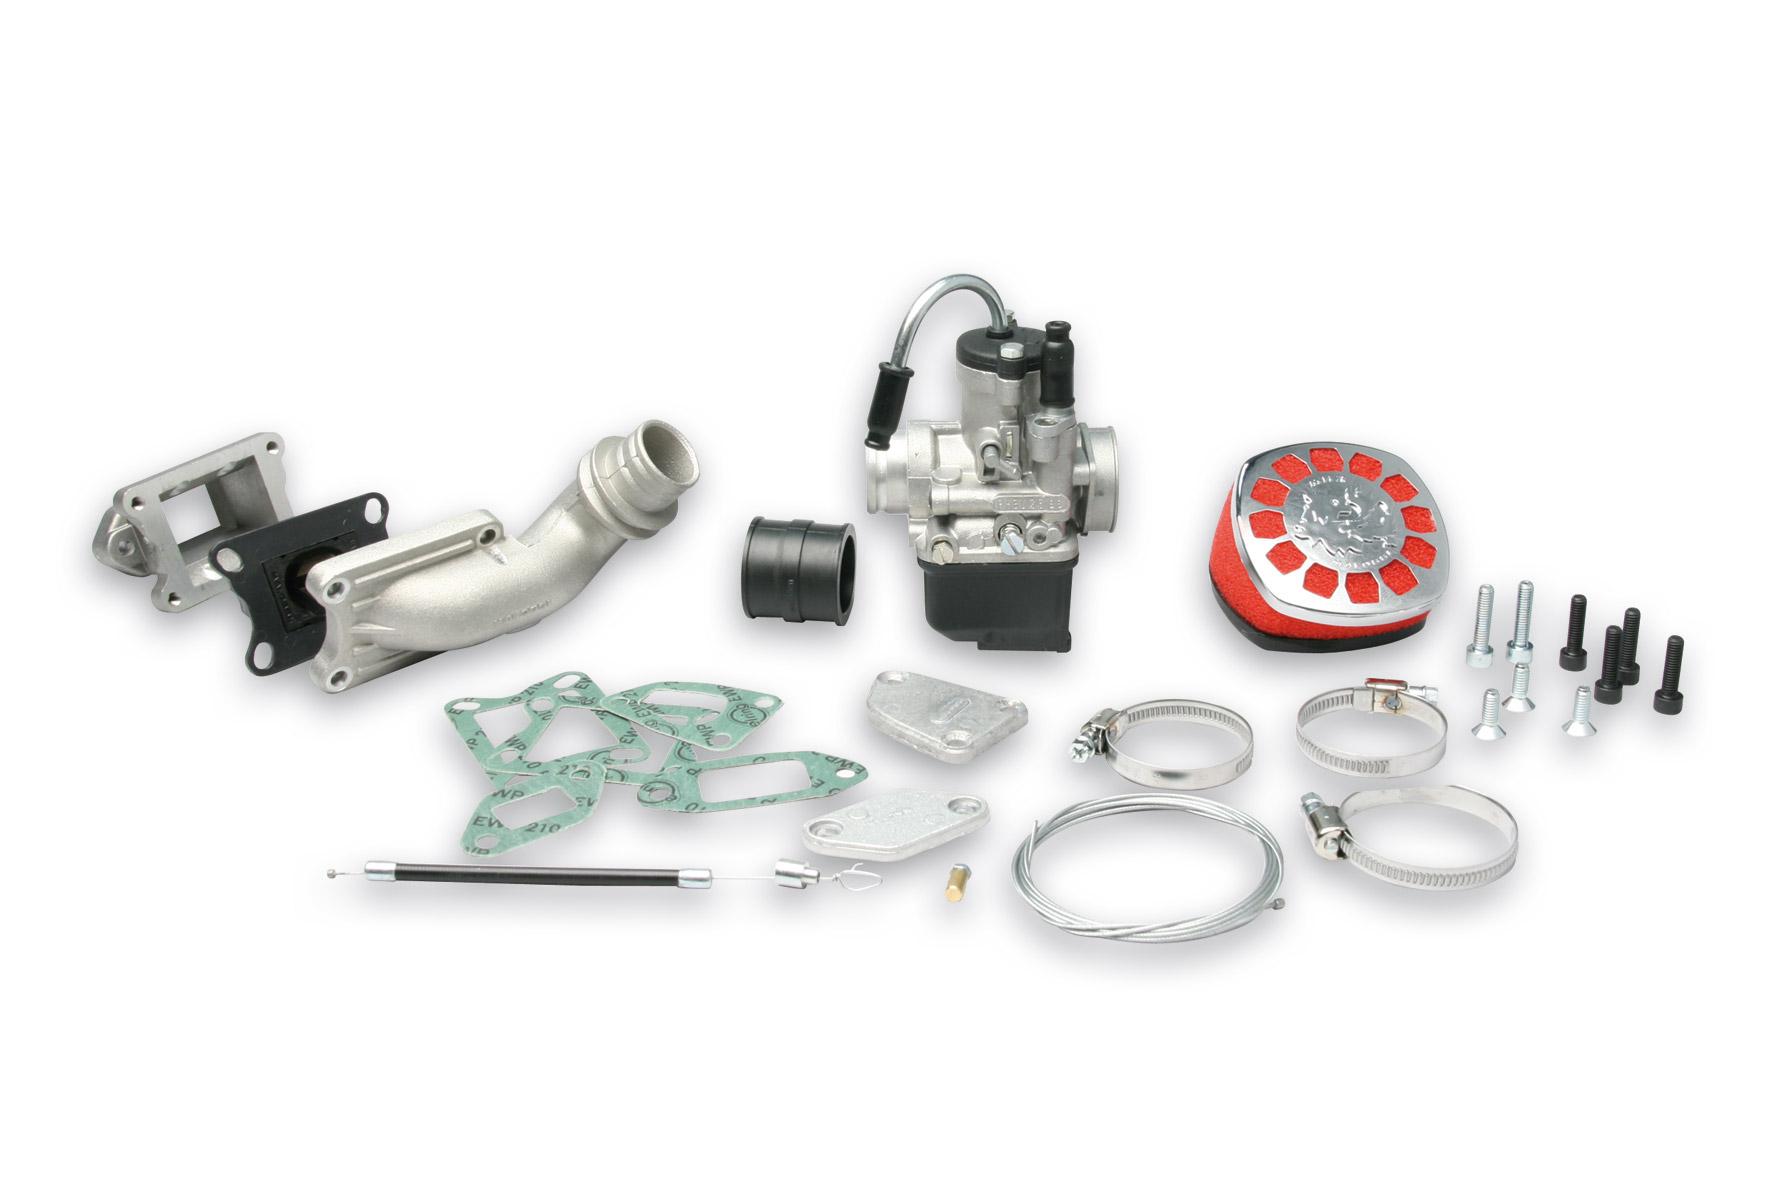 Impianto alimentazione PHBL 25 B lamellare al cilindro 1a serie per Vespa ET3 Primavera 2T 125 cc